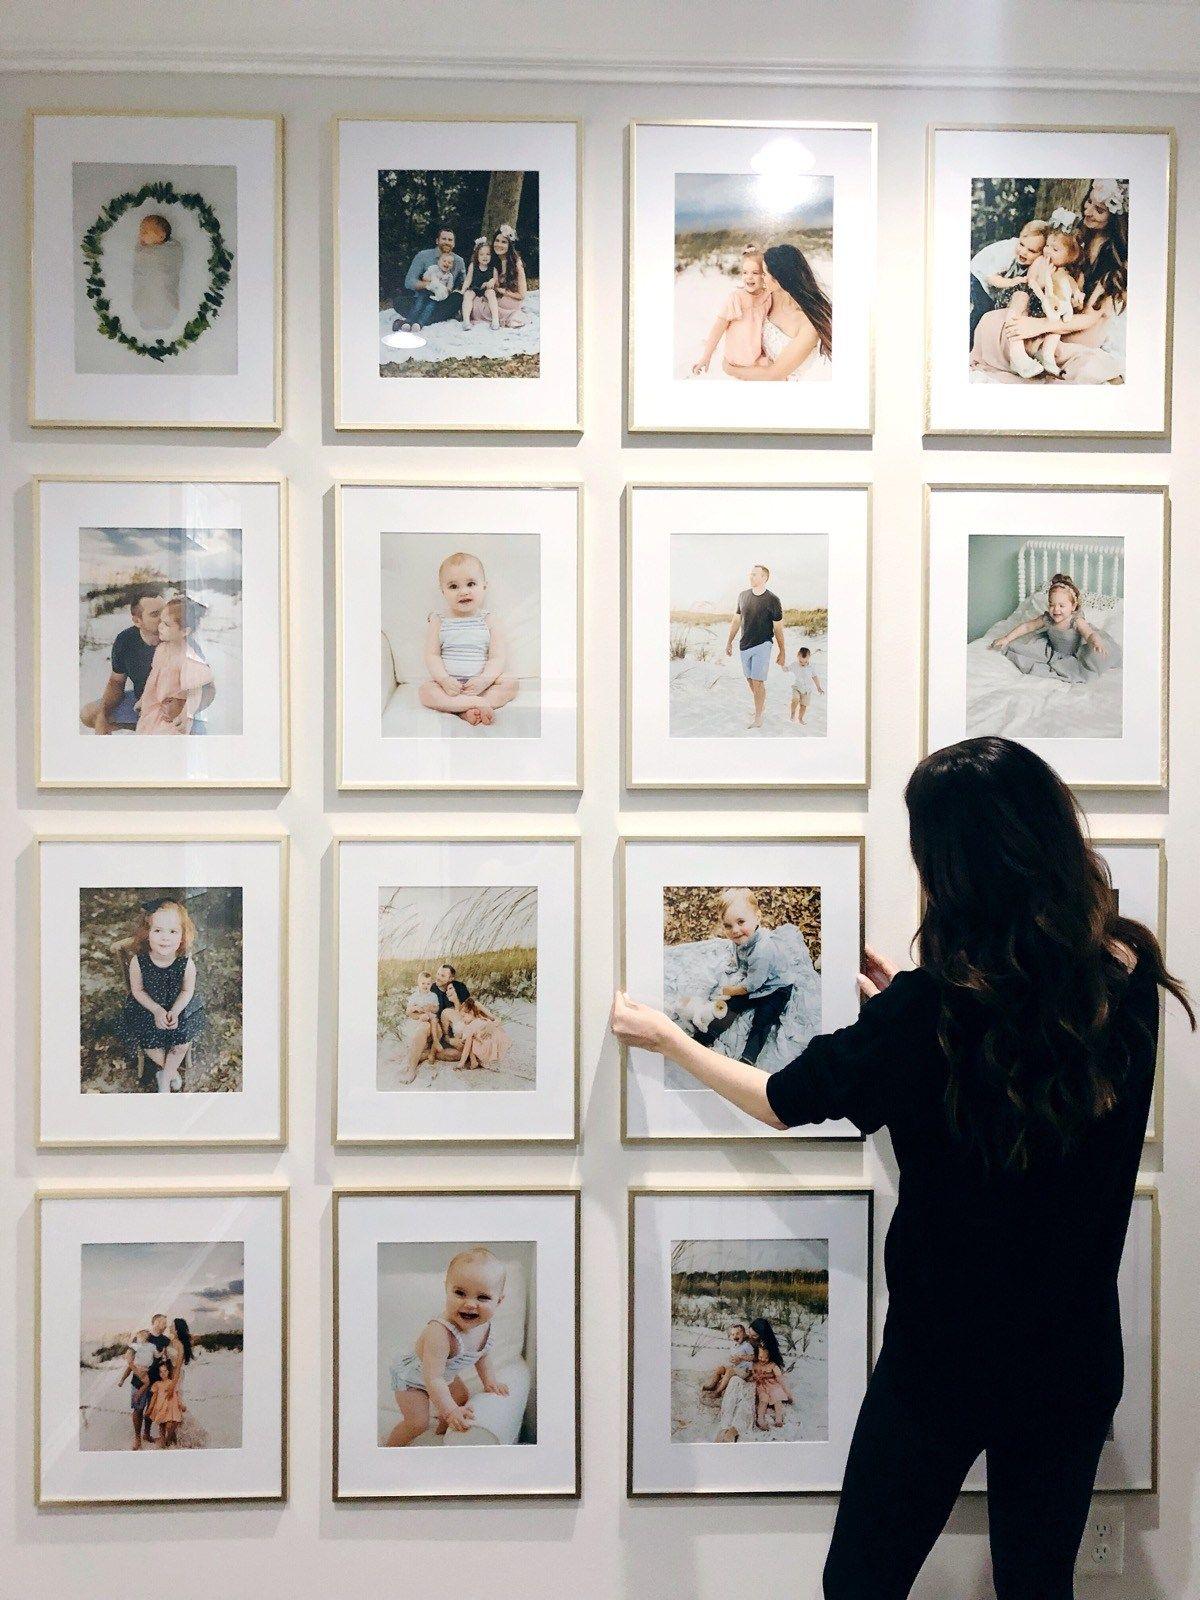 весь фигуры из фотографий на стене поделитесь